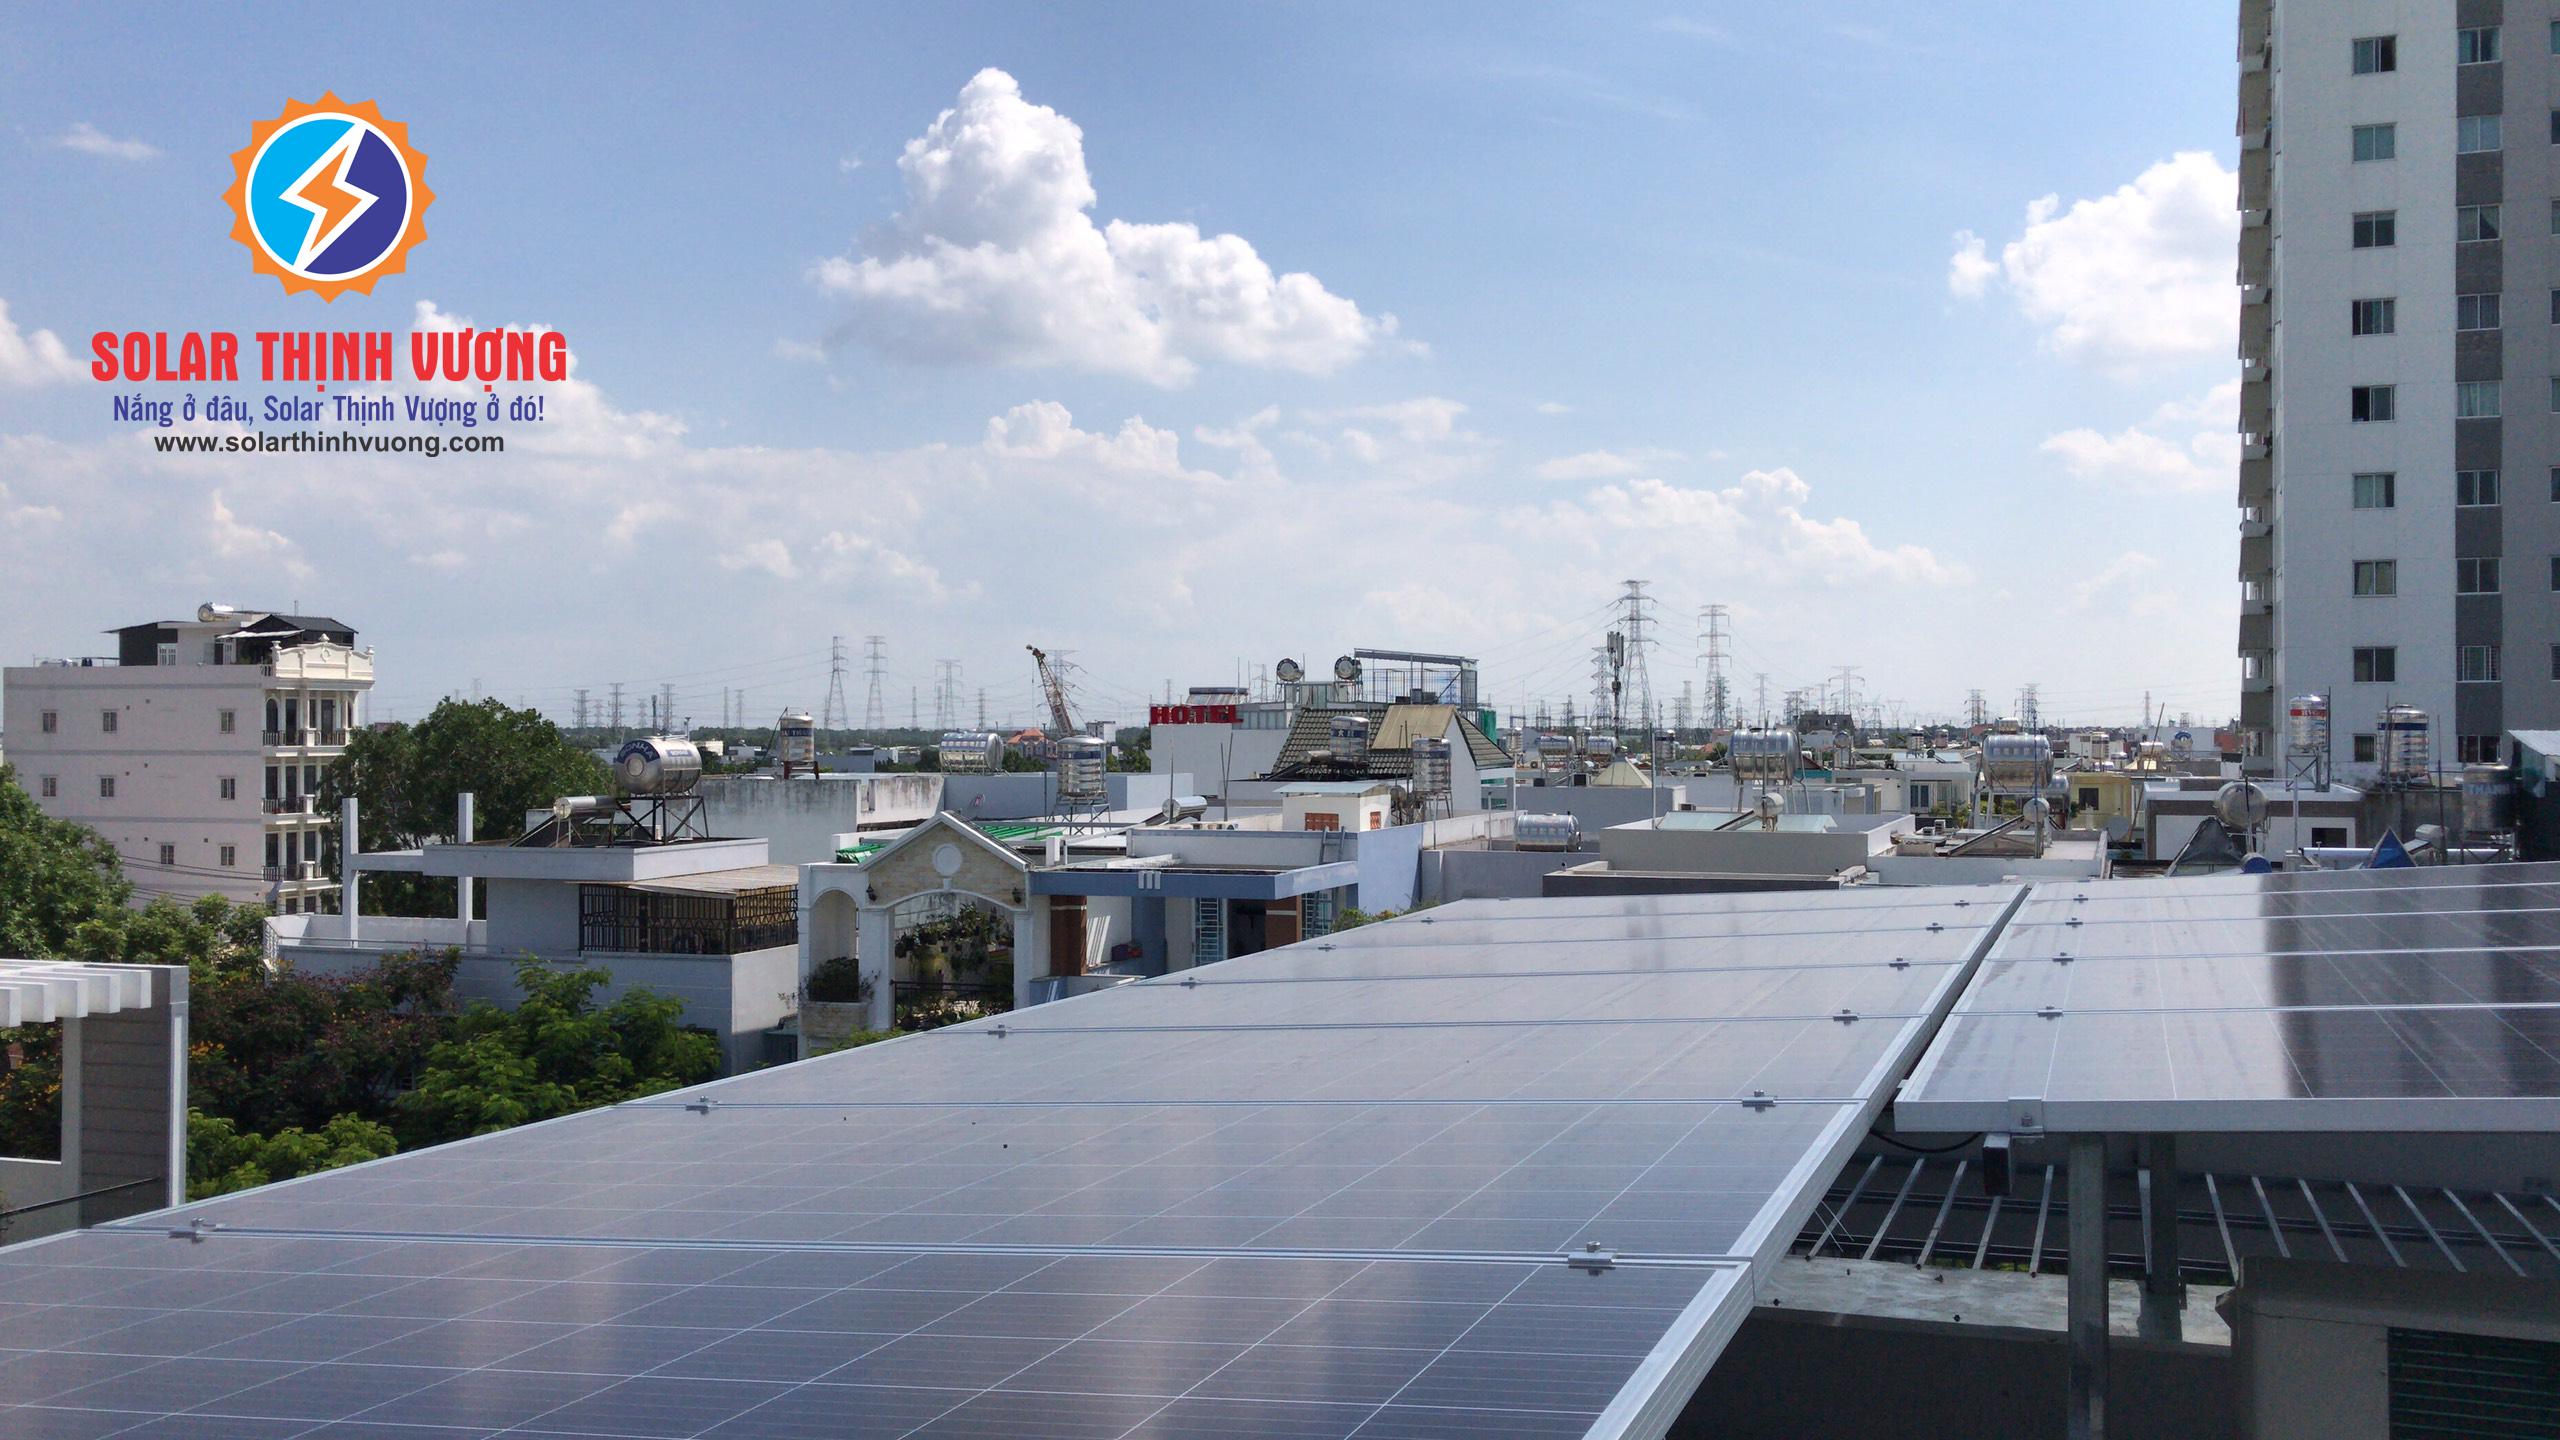 Bạn nghĩ thế nào về điện năng lượng mặt trời áp mái và hệ thống điện năng lượng mặt trời ở mặt đất